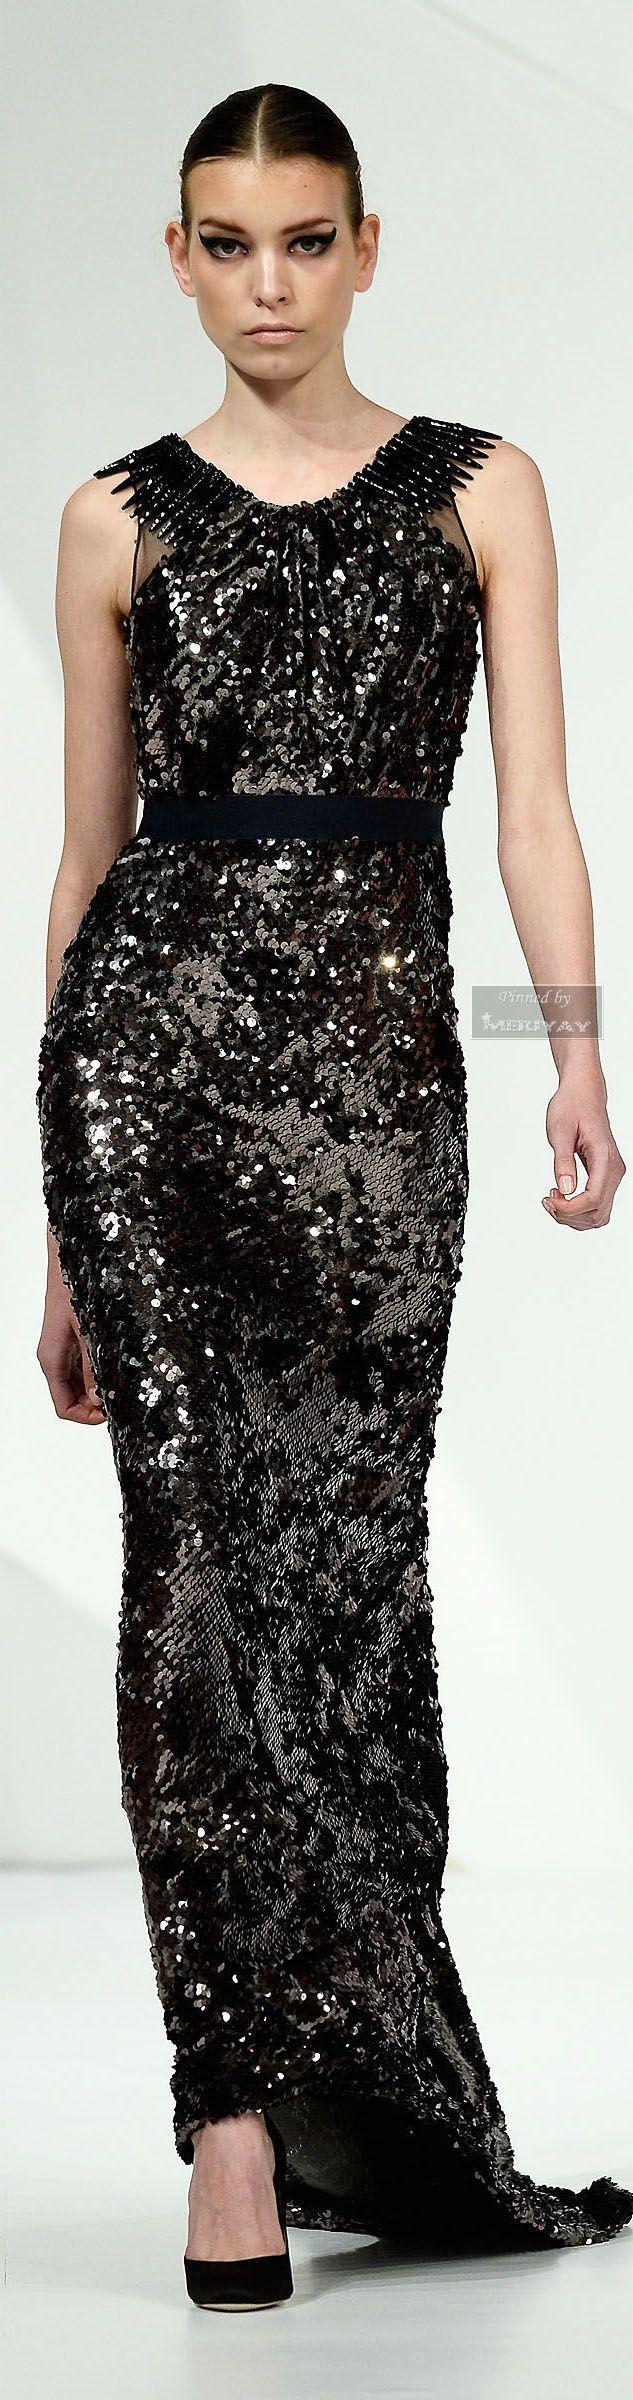 Schwarze Hochzeits- - Kleider ........ Black Beauties #2144247 ...